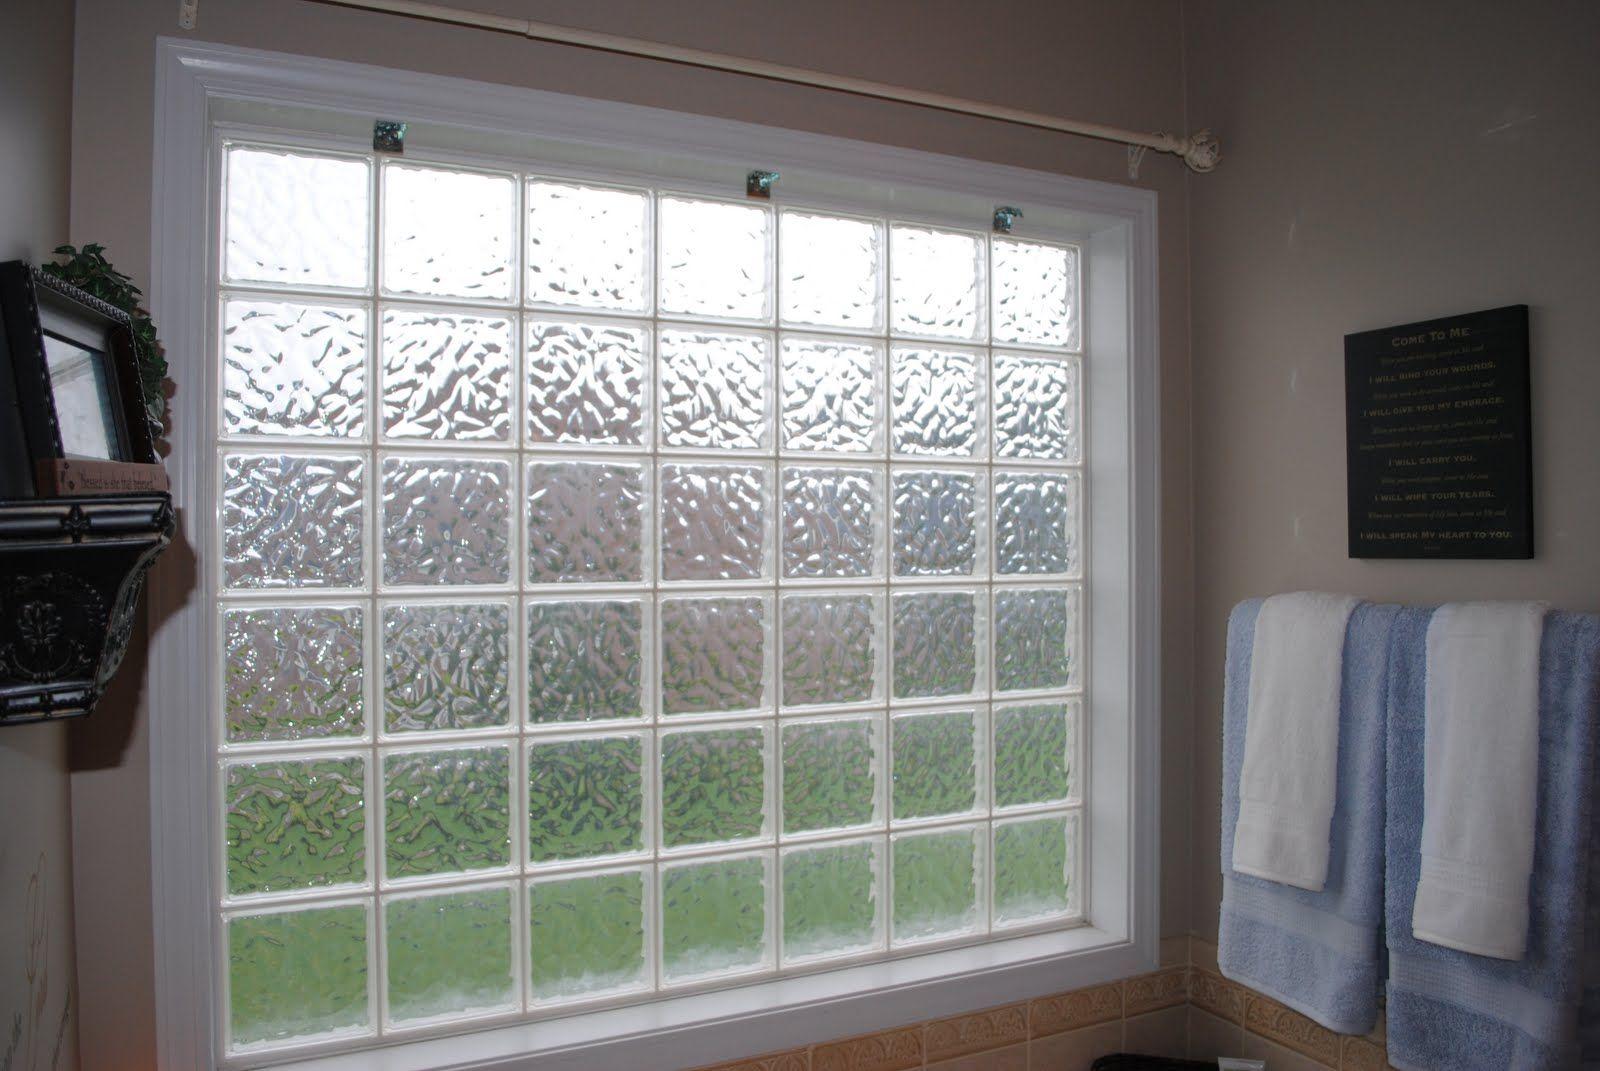 Diy bathroom curtain ideas - Bathroom Window Treatment Pictures A1houston